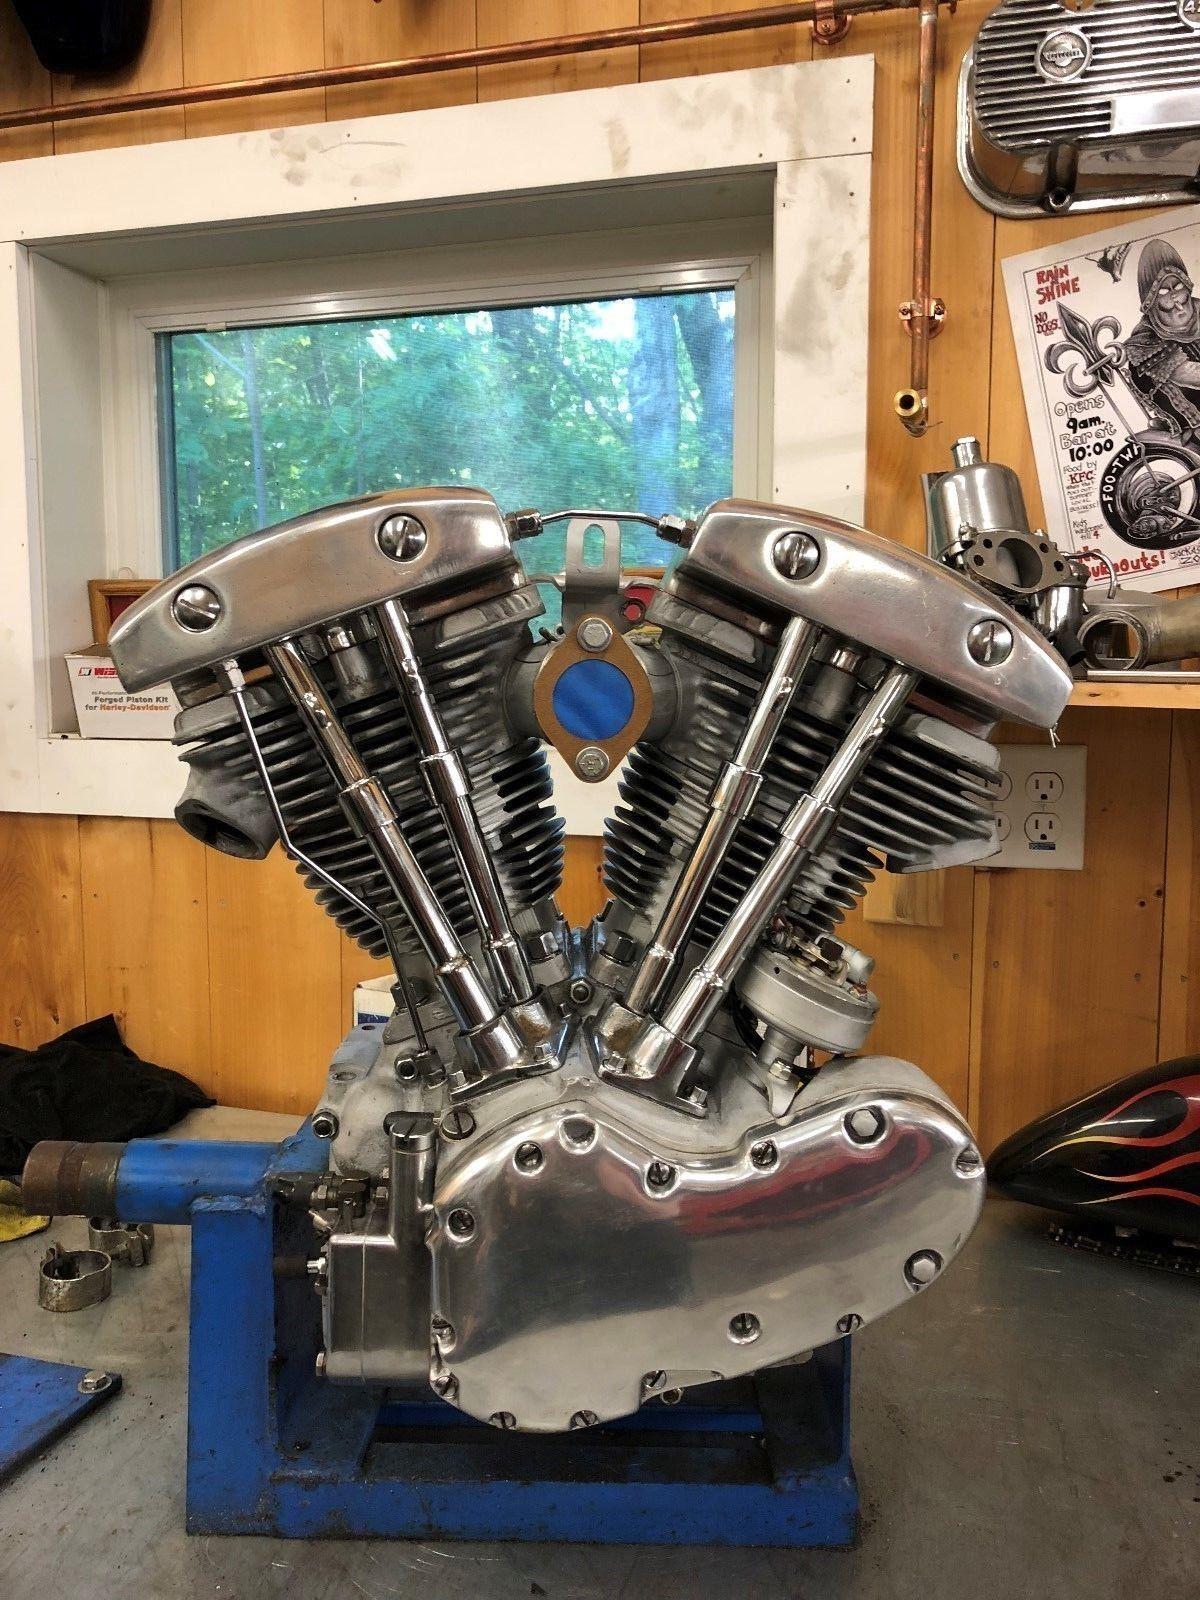 harley 1968 harley davidson other 1968 flh engine slab side shovel chopper heaven rebuilt please retweet [ 1200 x 1600 Pixel ]